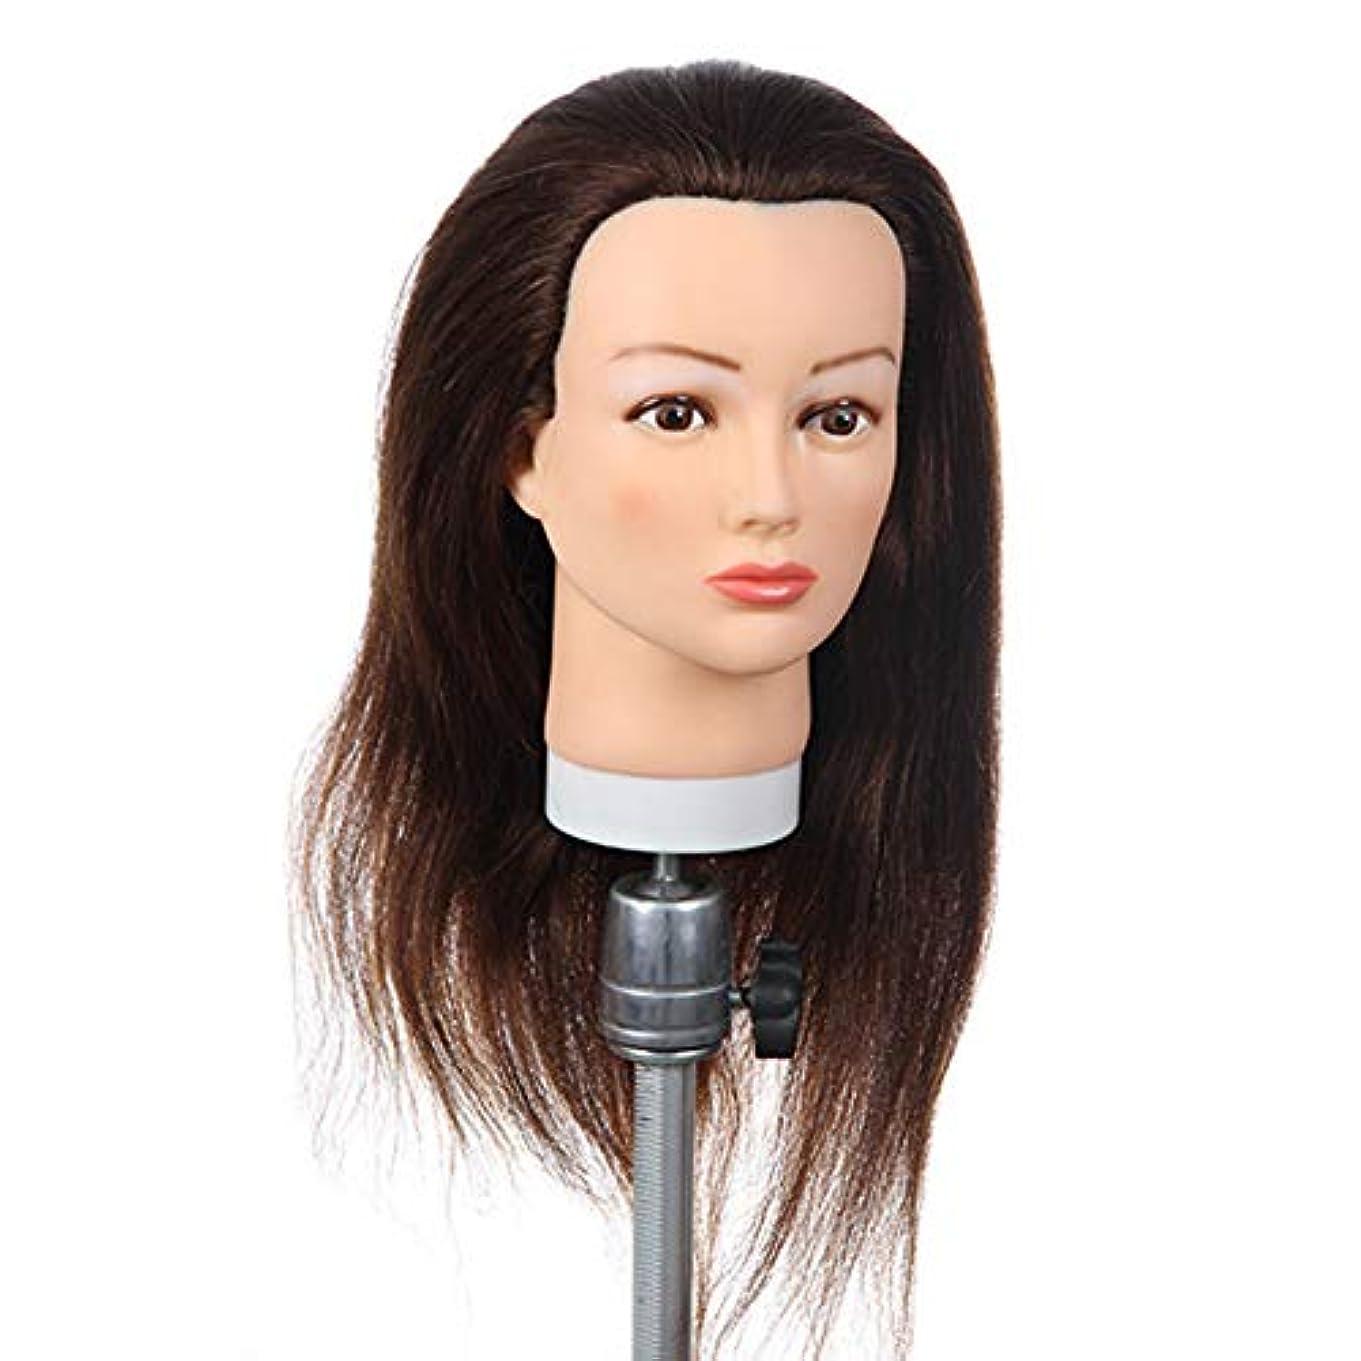 ささいな間隔クライストチャーチ理髪店理髪練習ヘッドパーマ髪染め髪ダミーヘッド花嫁メイクスタイリング編組マネキンヘッド